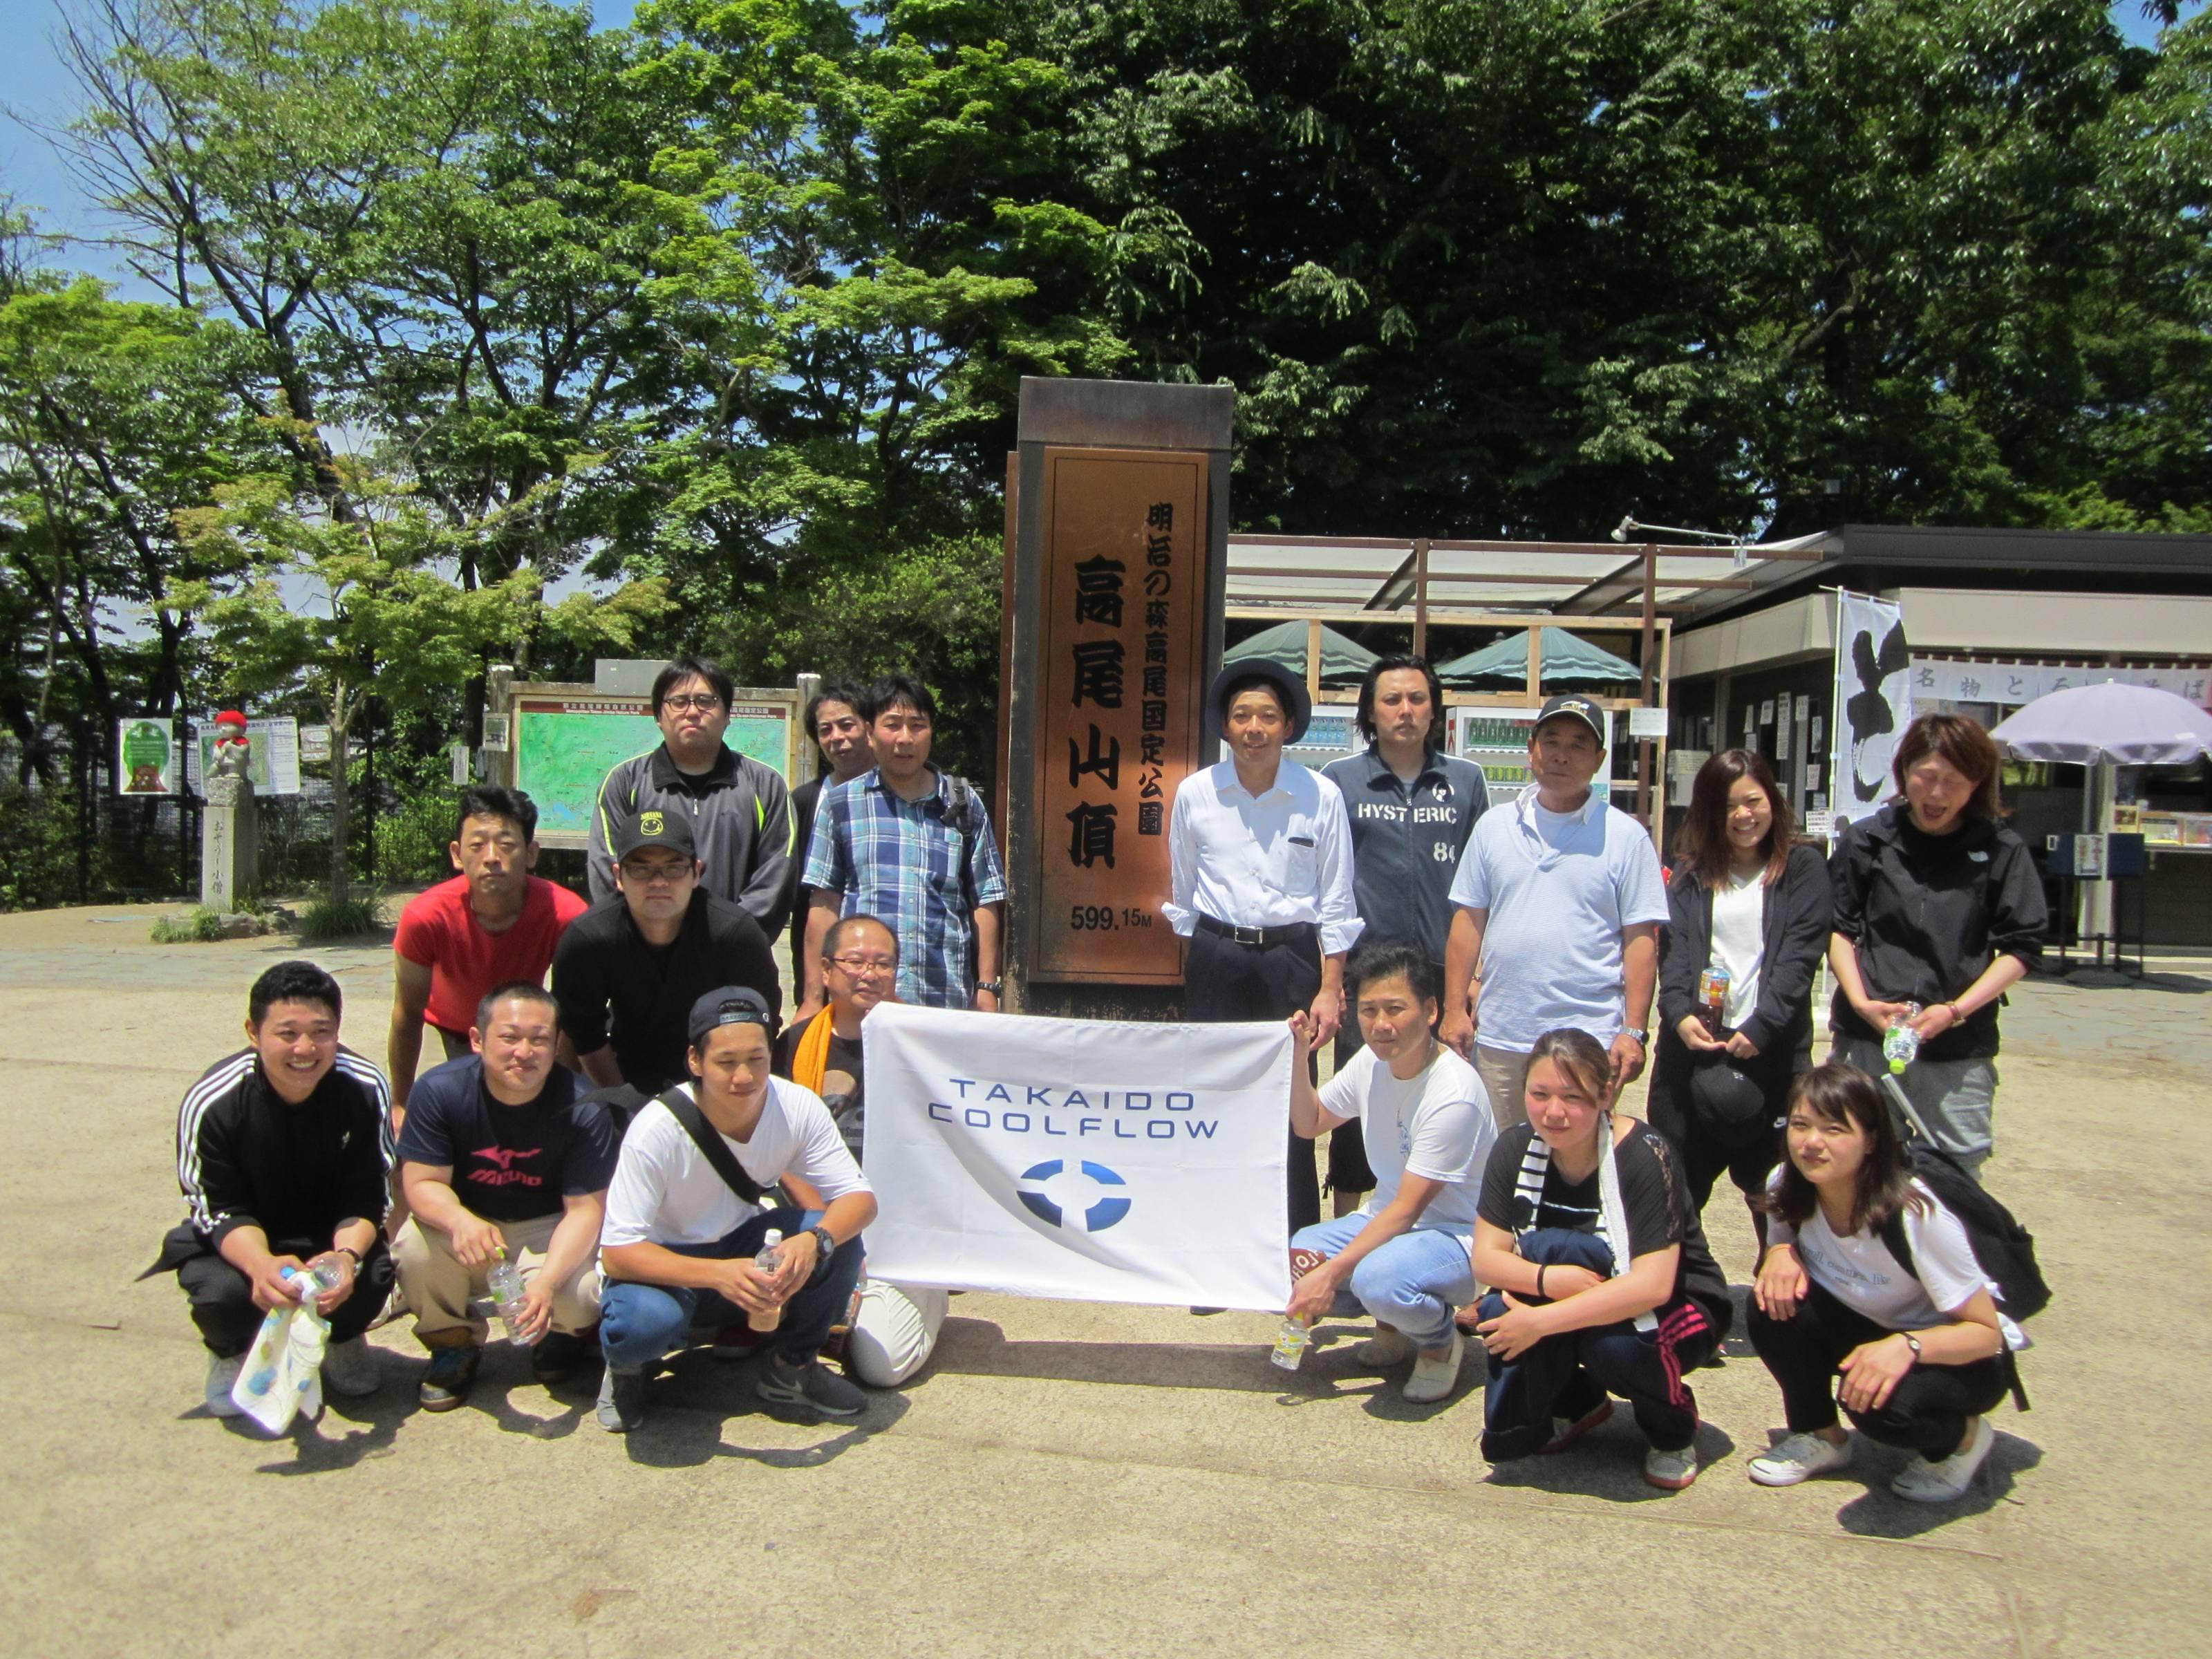 TAKAIDOクールフロー株式会社 杉戸物流センター